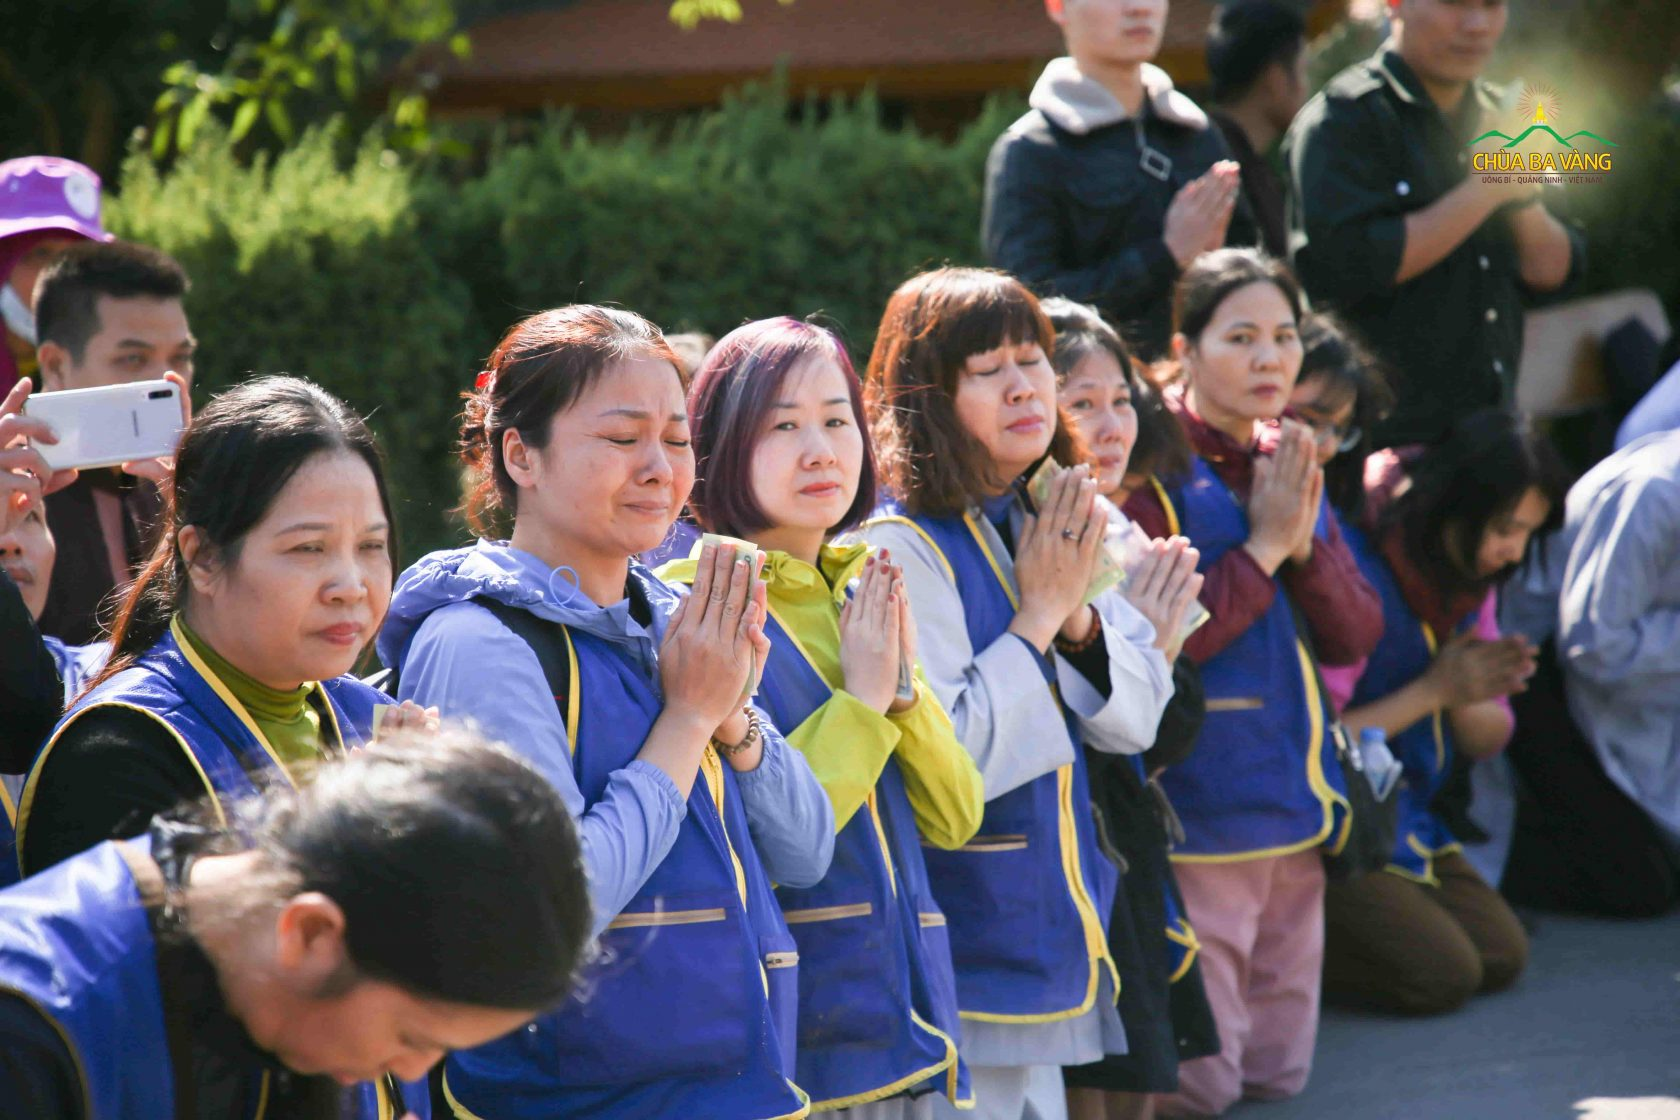 Phật tử không kìm được xúc động khi nhìn thấy hình ảnh Tăng đoàn trang nghiêm thanh tịnh trì bình khất thực